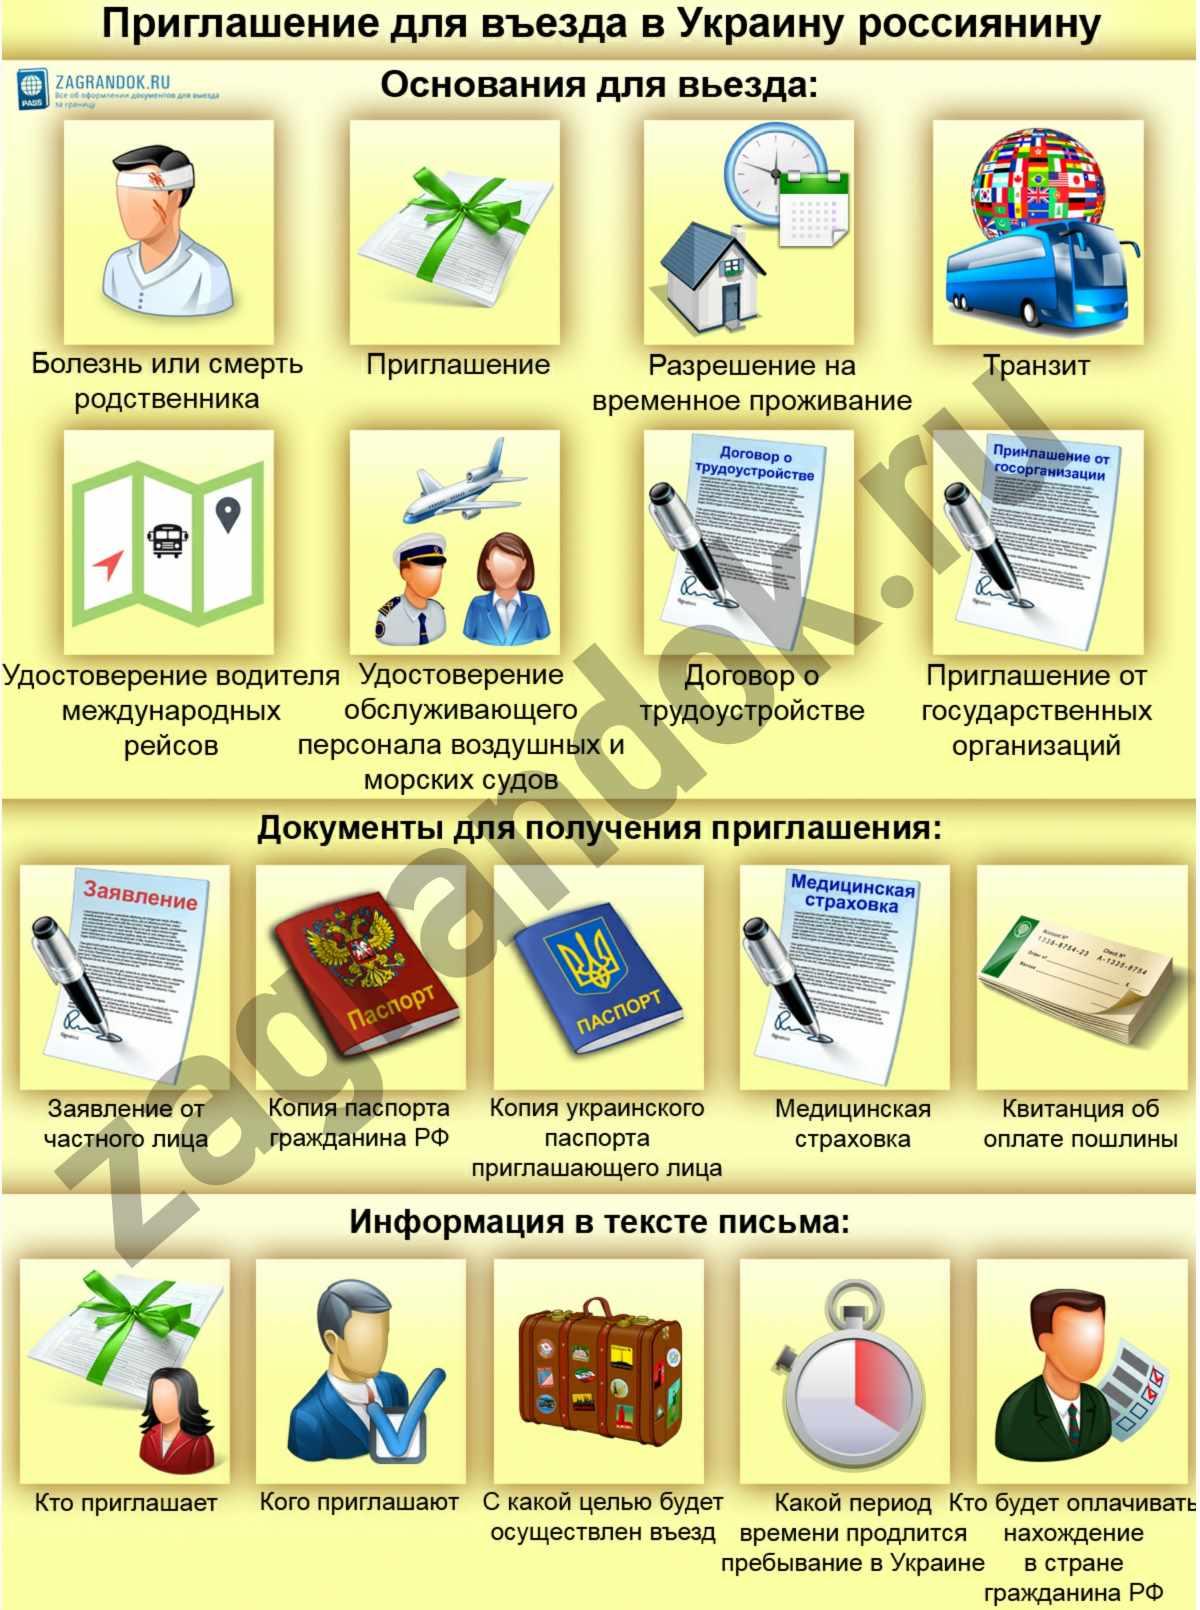 Приглашение для въезда в Украину россиянину